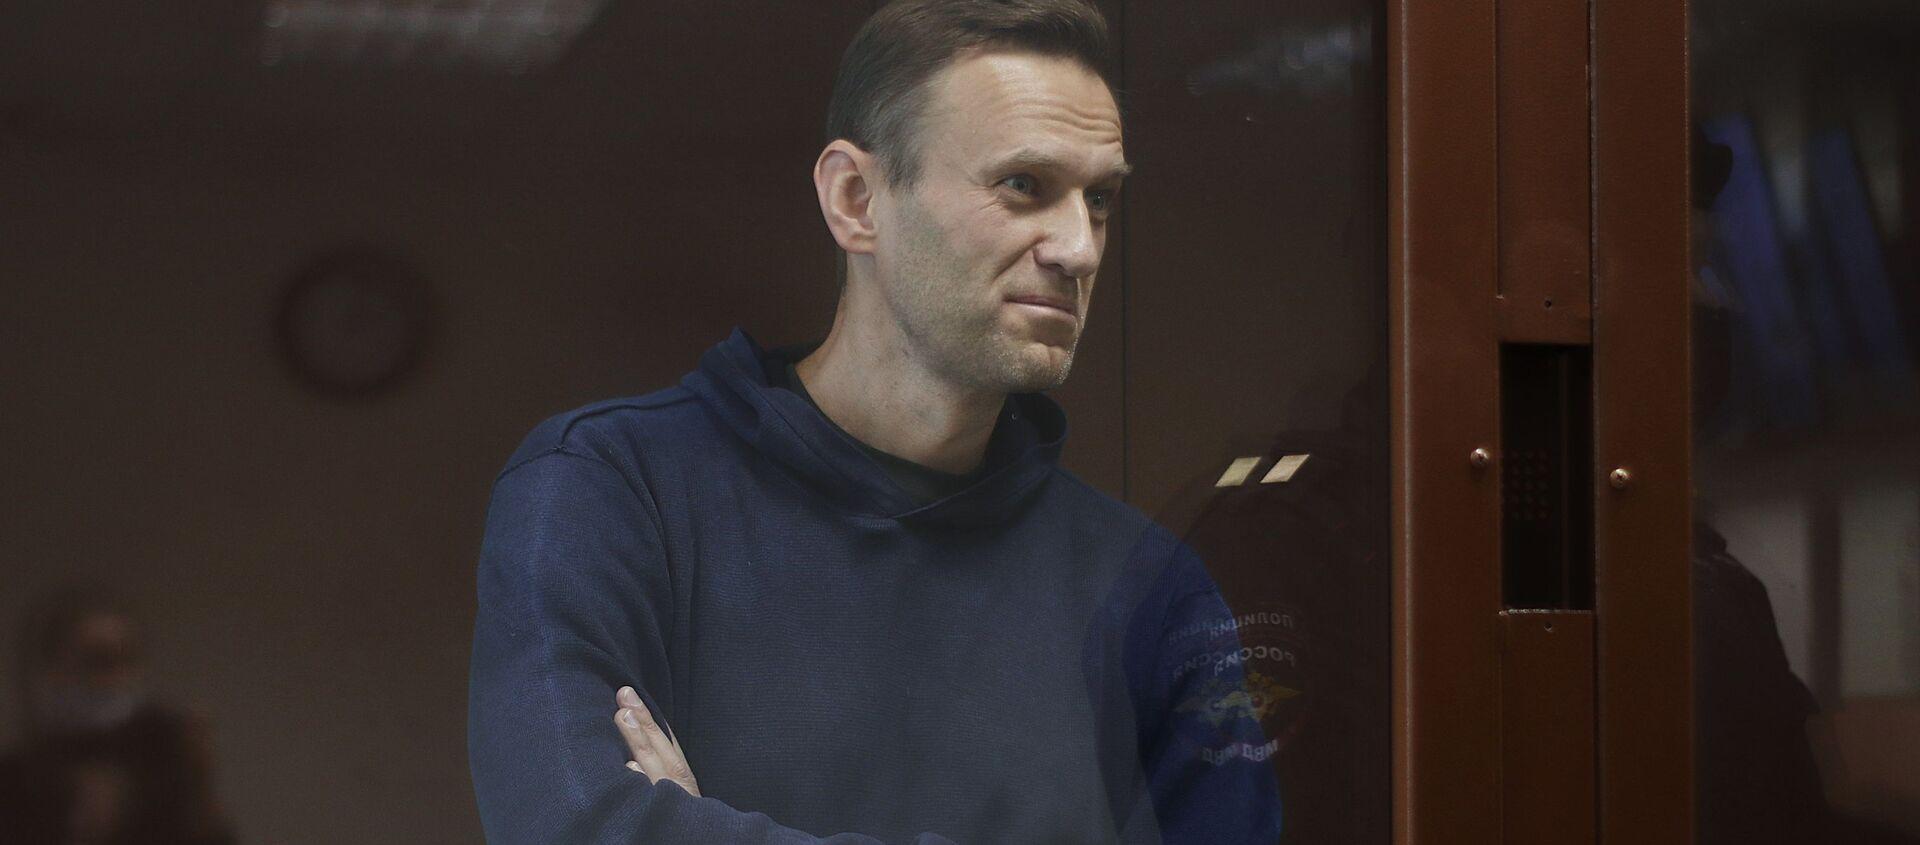 Posiedzenie Nawalnego, oskarżonego w sprawie o pomówienie weterana Wielkiej Wojny Ojczyźnianej Ignata Artemienki - Sputnik Polska, 1920, 17.02.2021